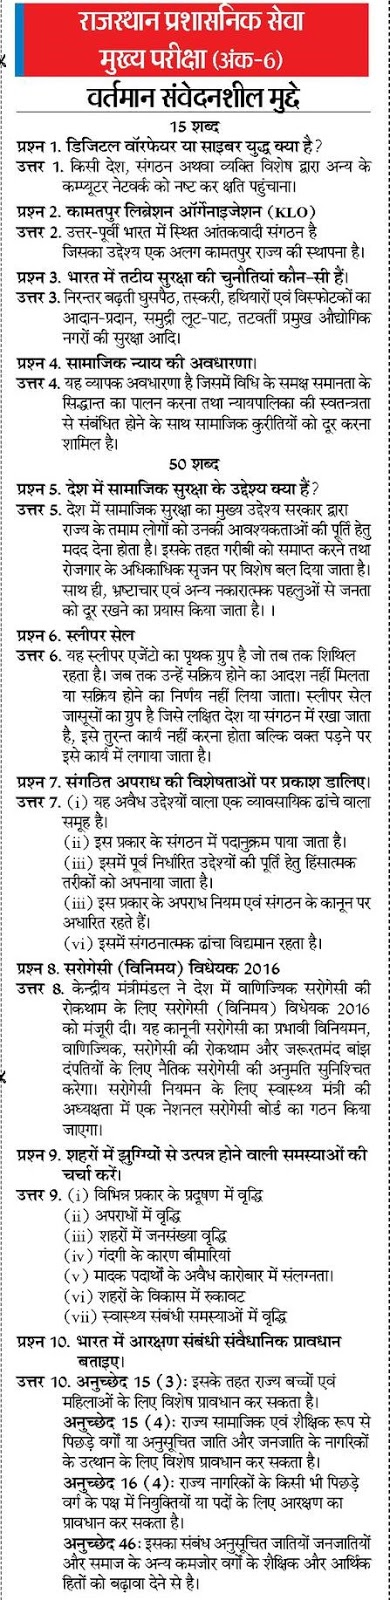 Ras Study Material In Hindi Pdf